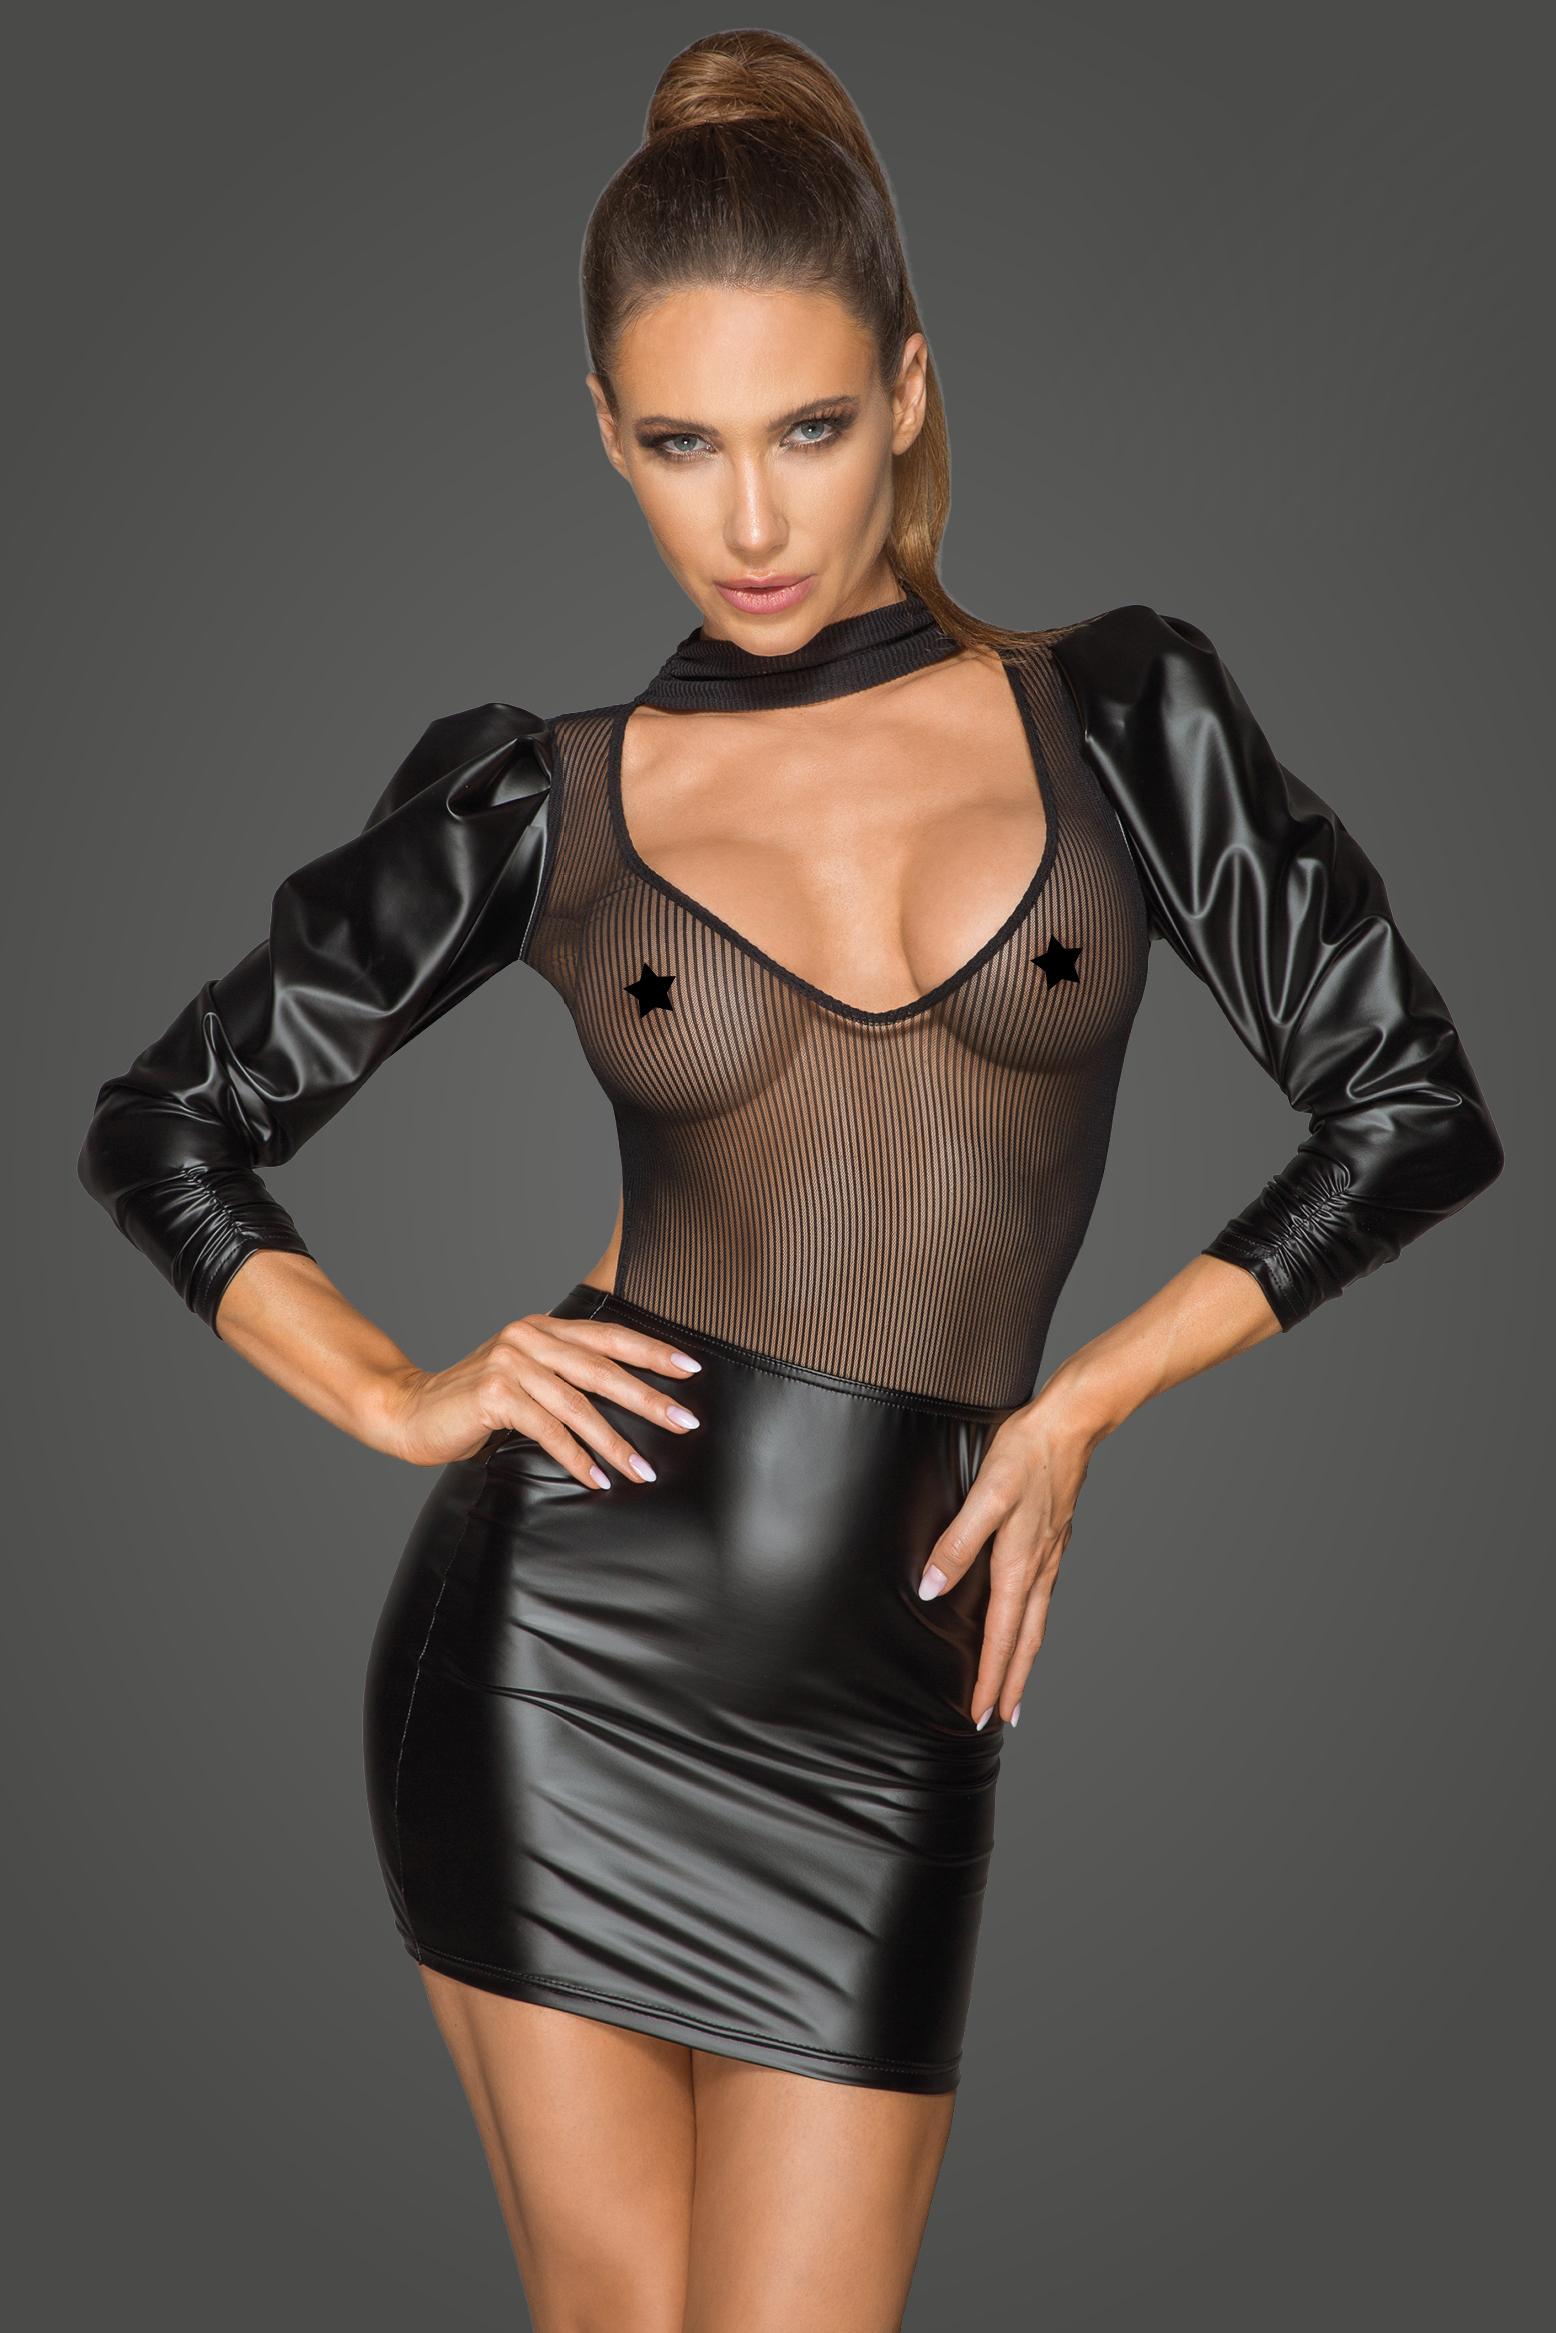 Powerwetlook Klänning i Retro-glam Style | LINGERIE & KLÄDER, PLUSSIZE, Fetish, Klänningar & Kjolar, Brands, Noir Handmade, KLÄDER TJEJ, Klänningar & Clubwear, FETISHKLÄDER TJEJ, Fetish Klänningar | Intimast.se - Sexleksaker